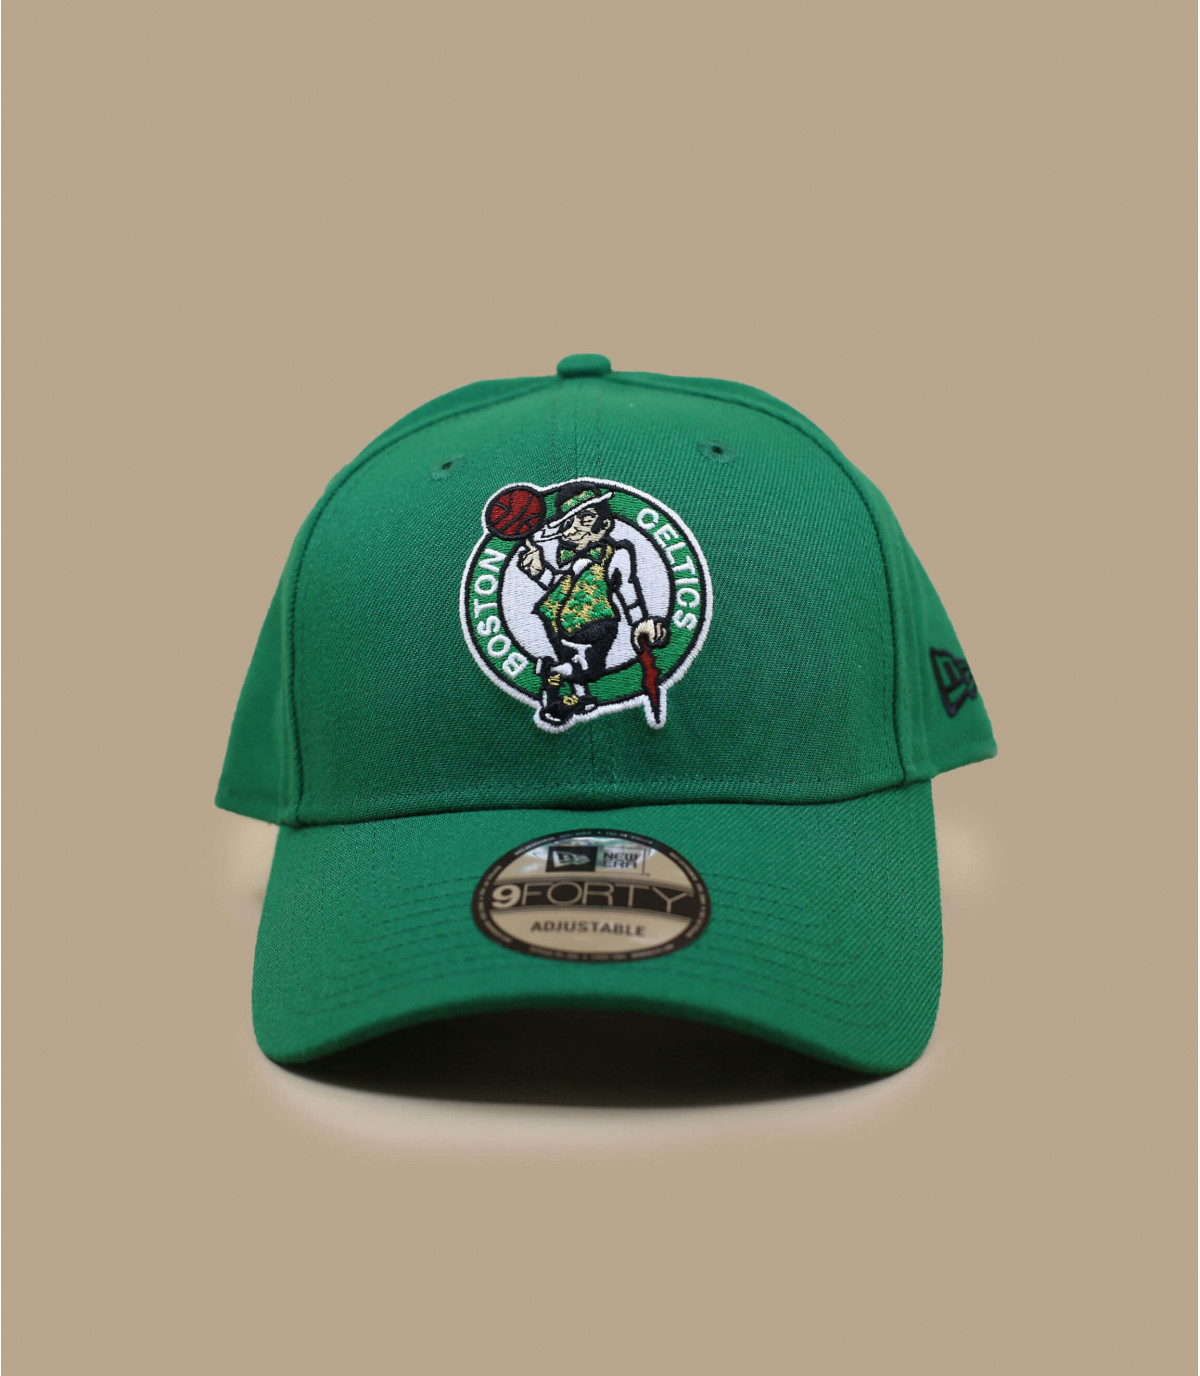 Celtics curva tappo verde